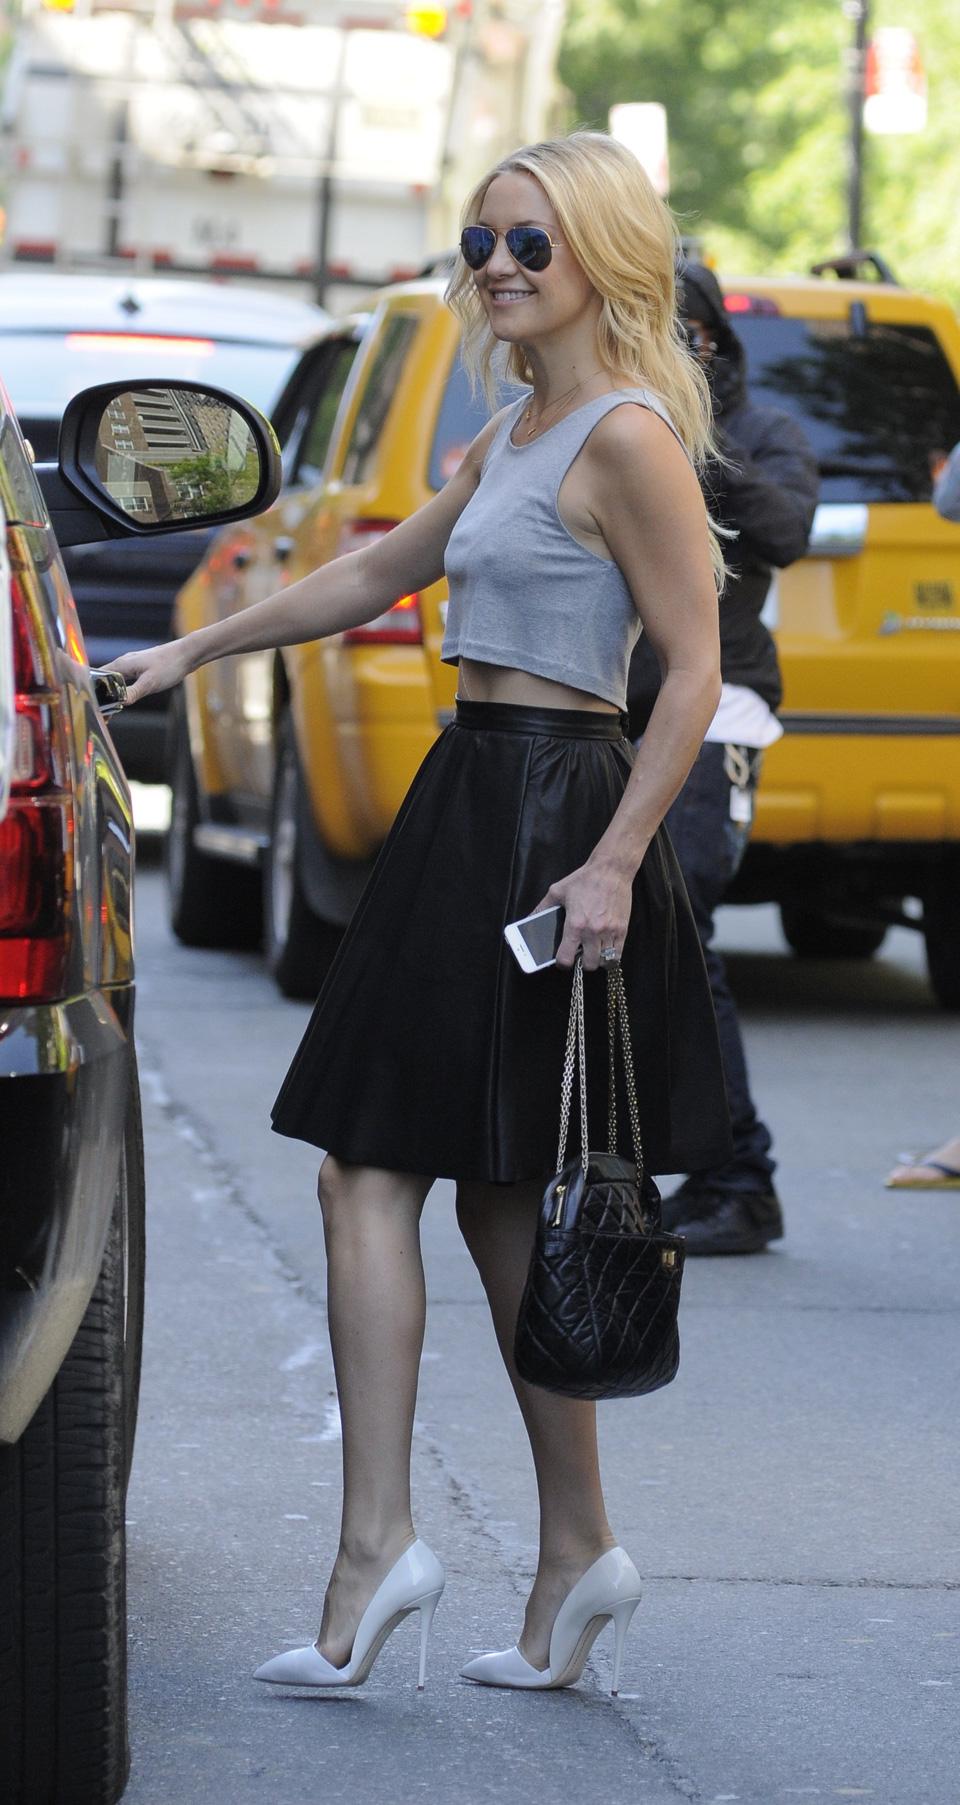 Get the look: Kate Hudson's cute crop top